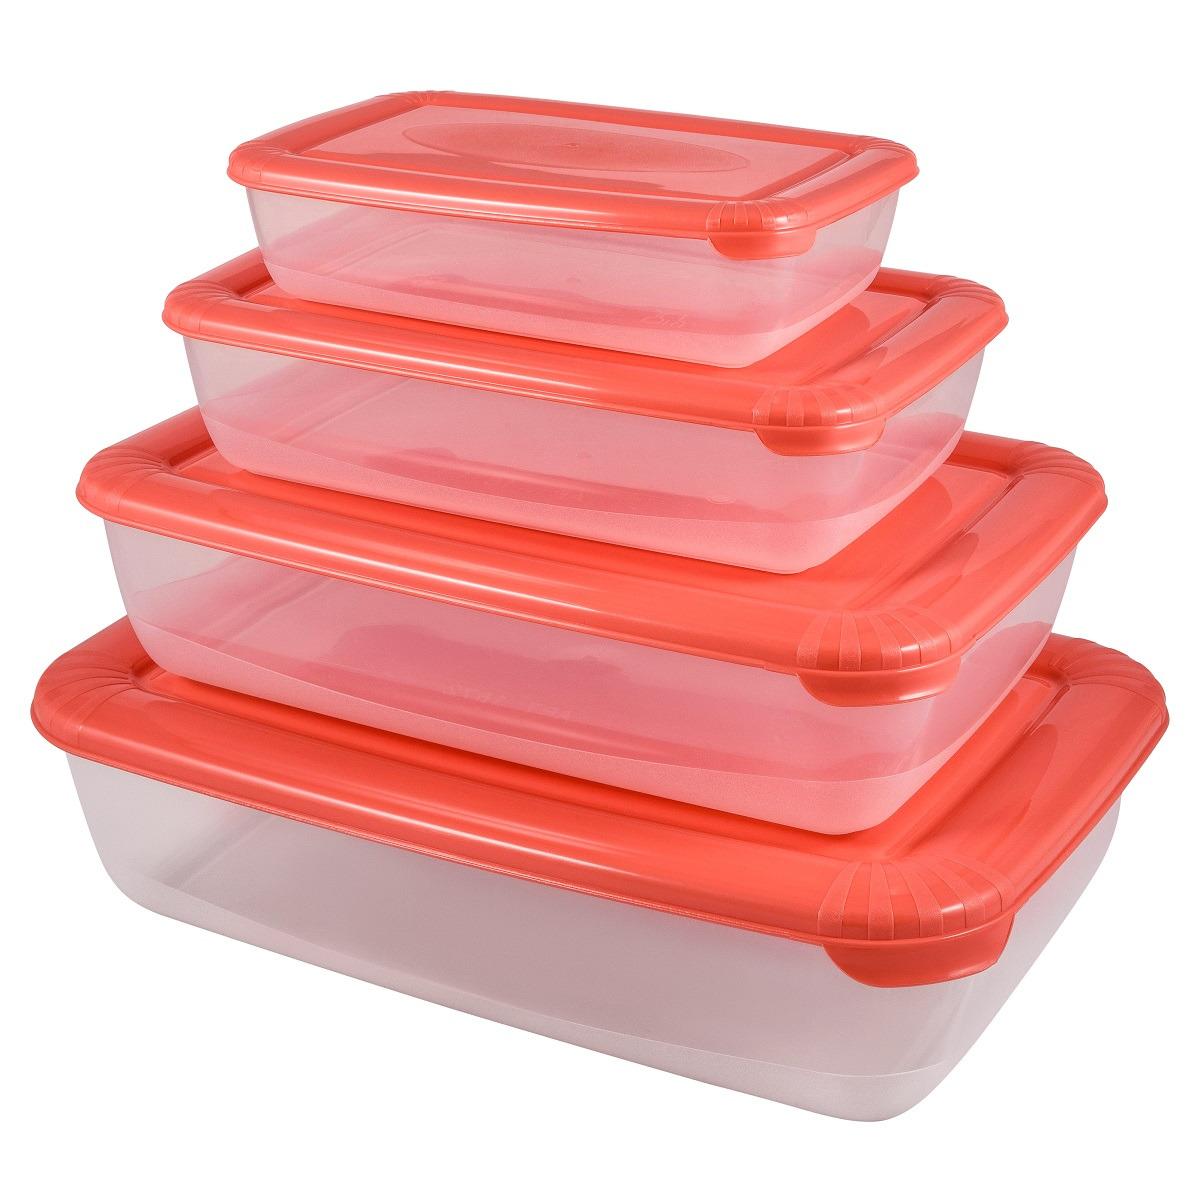 Набор емкостей для продуктов Plast Team Polar, PT1686-6, коралловый, 4 шт емкость для хранения продуктов plast team pattern 0 8 л